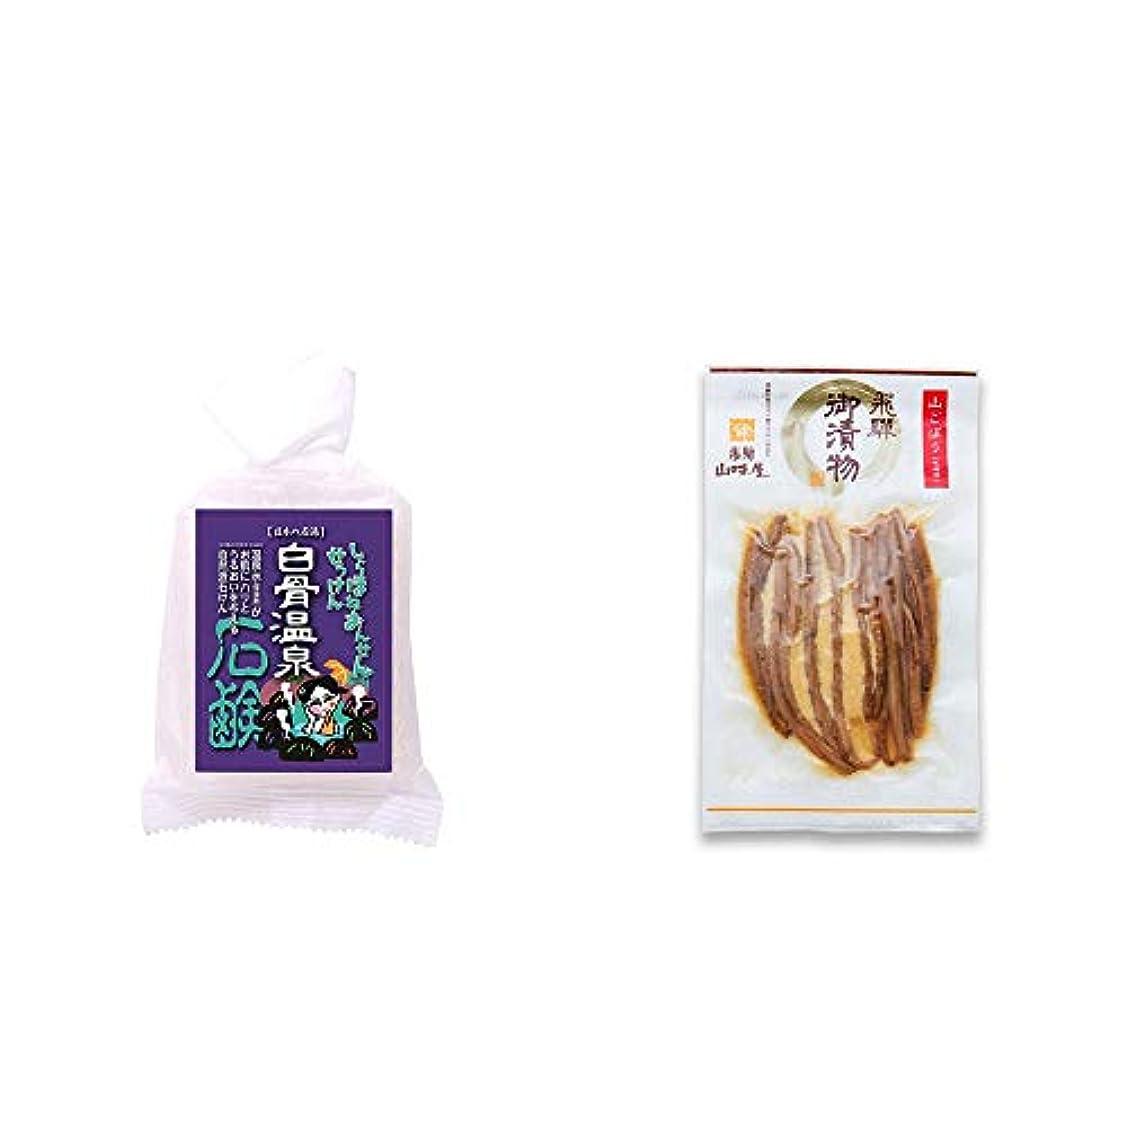 確率マキシムくそー[2点セット] 信州 白骨温泉石鹸(80g)?飛騨山味屋 山ごぼう味噌漬(80g)